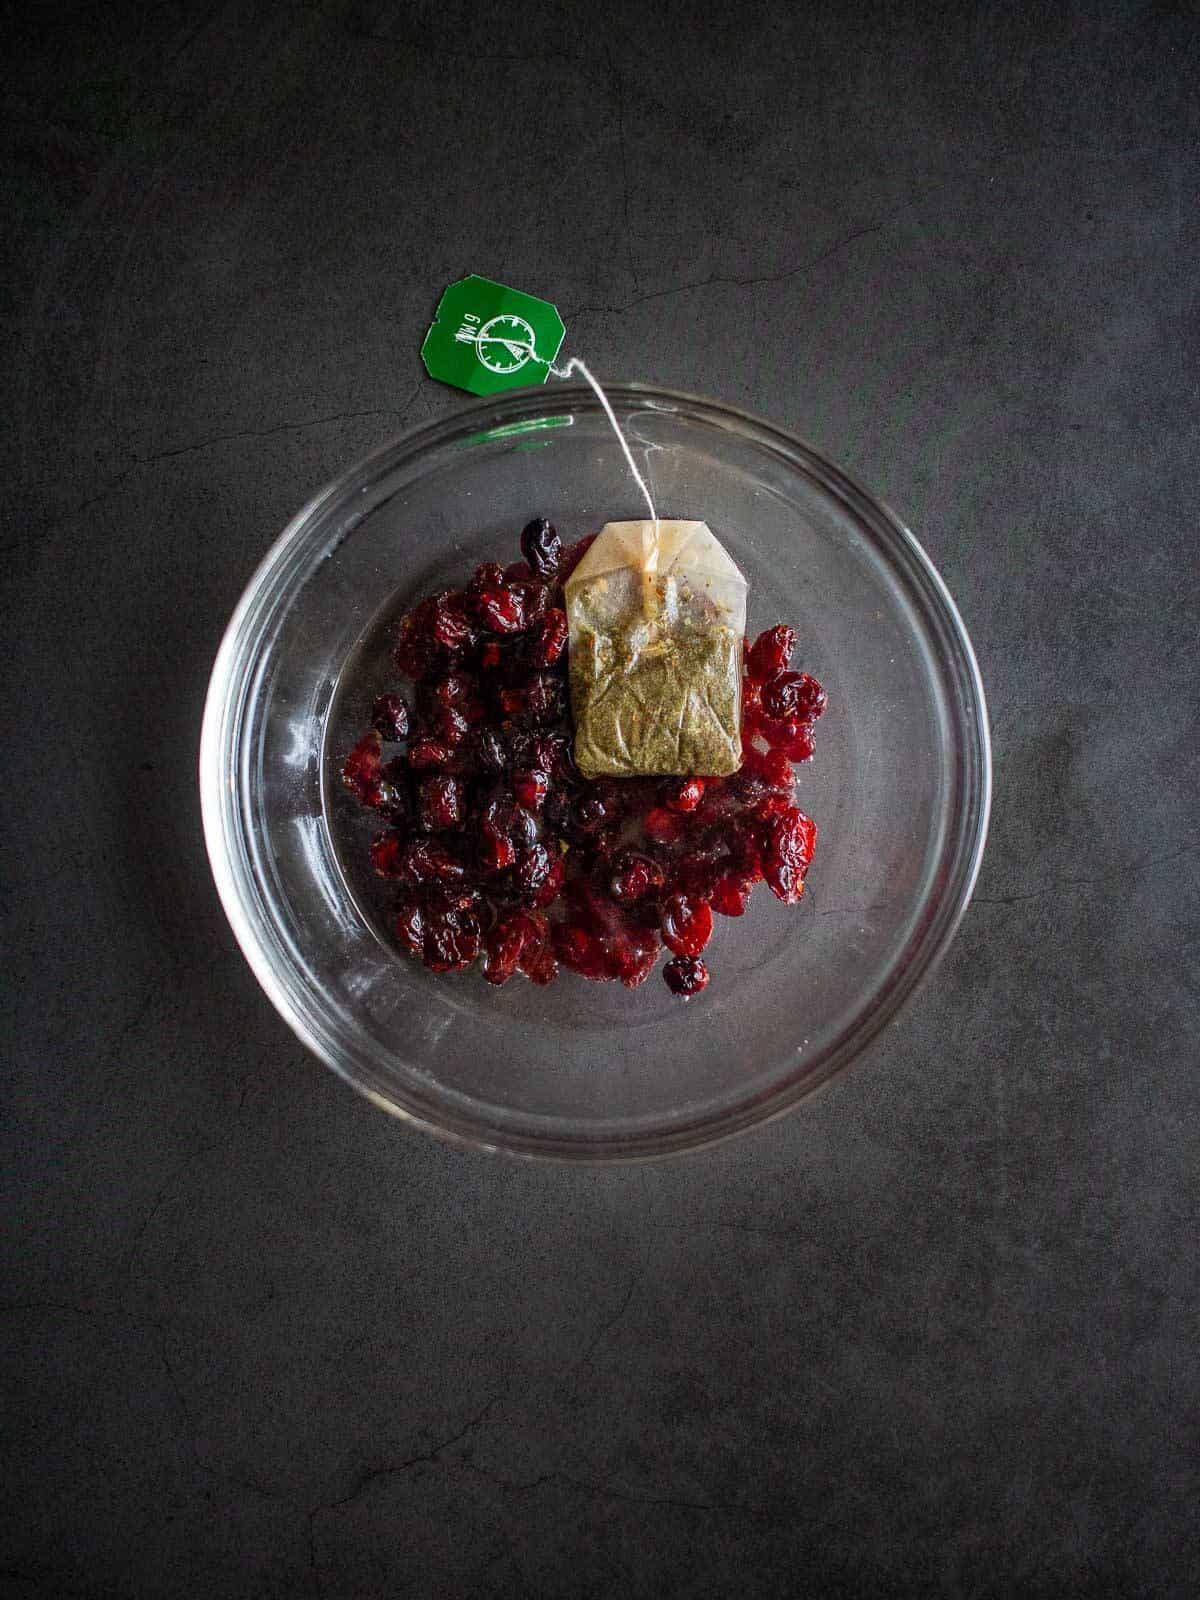 Cranberry Sauce with tea bag